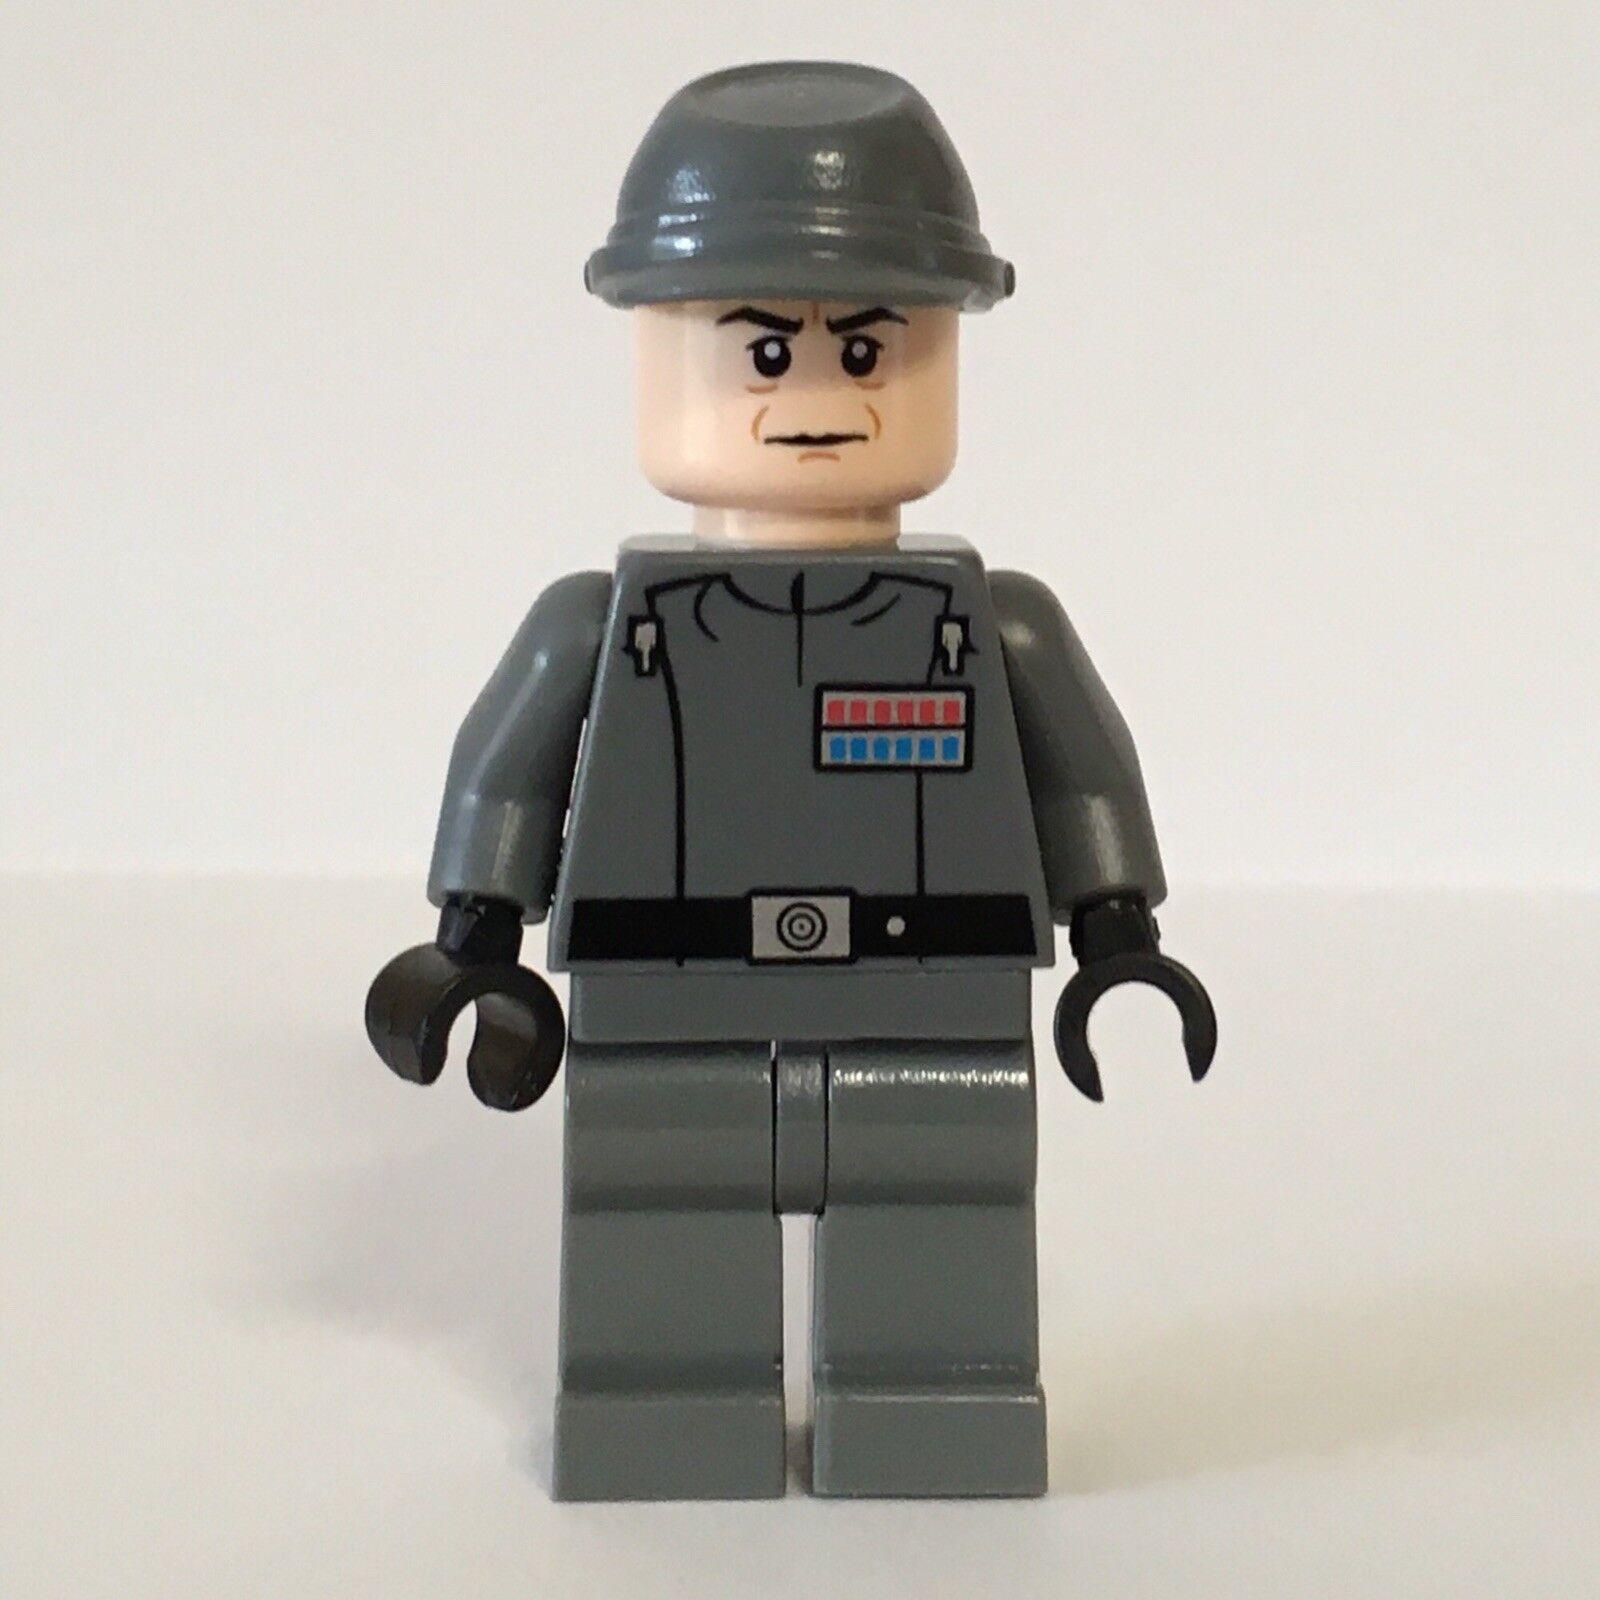 negozio fa acquisti e vendite NUOVA NUOVA NUOVA SUPER RARA LEGO estrella guerras AMMIRAGLIO piett UCS Super Estrella Destroyer 10221  ultimi stili